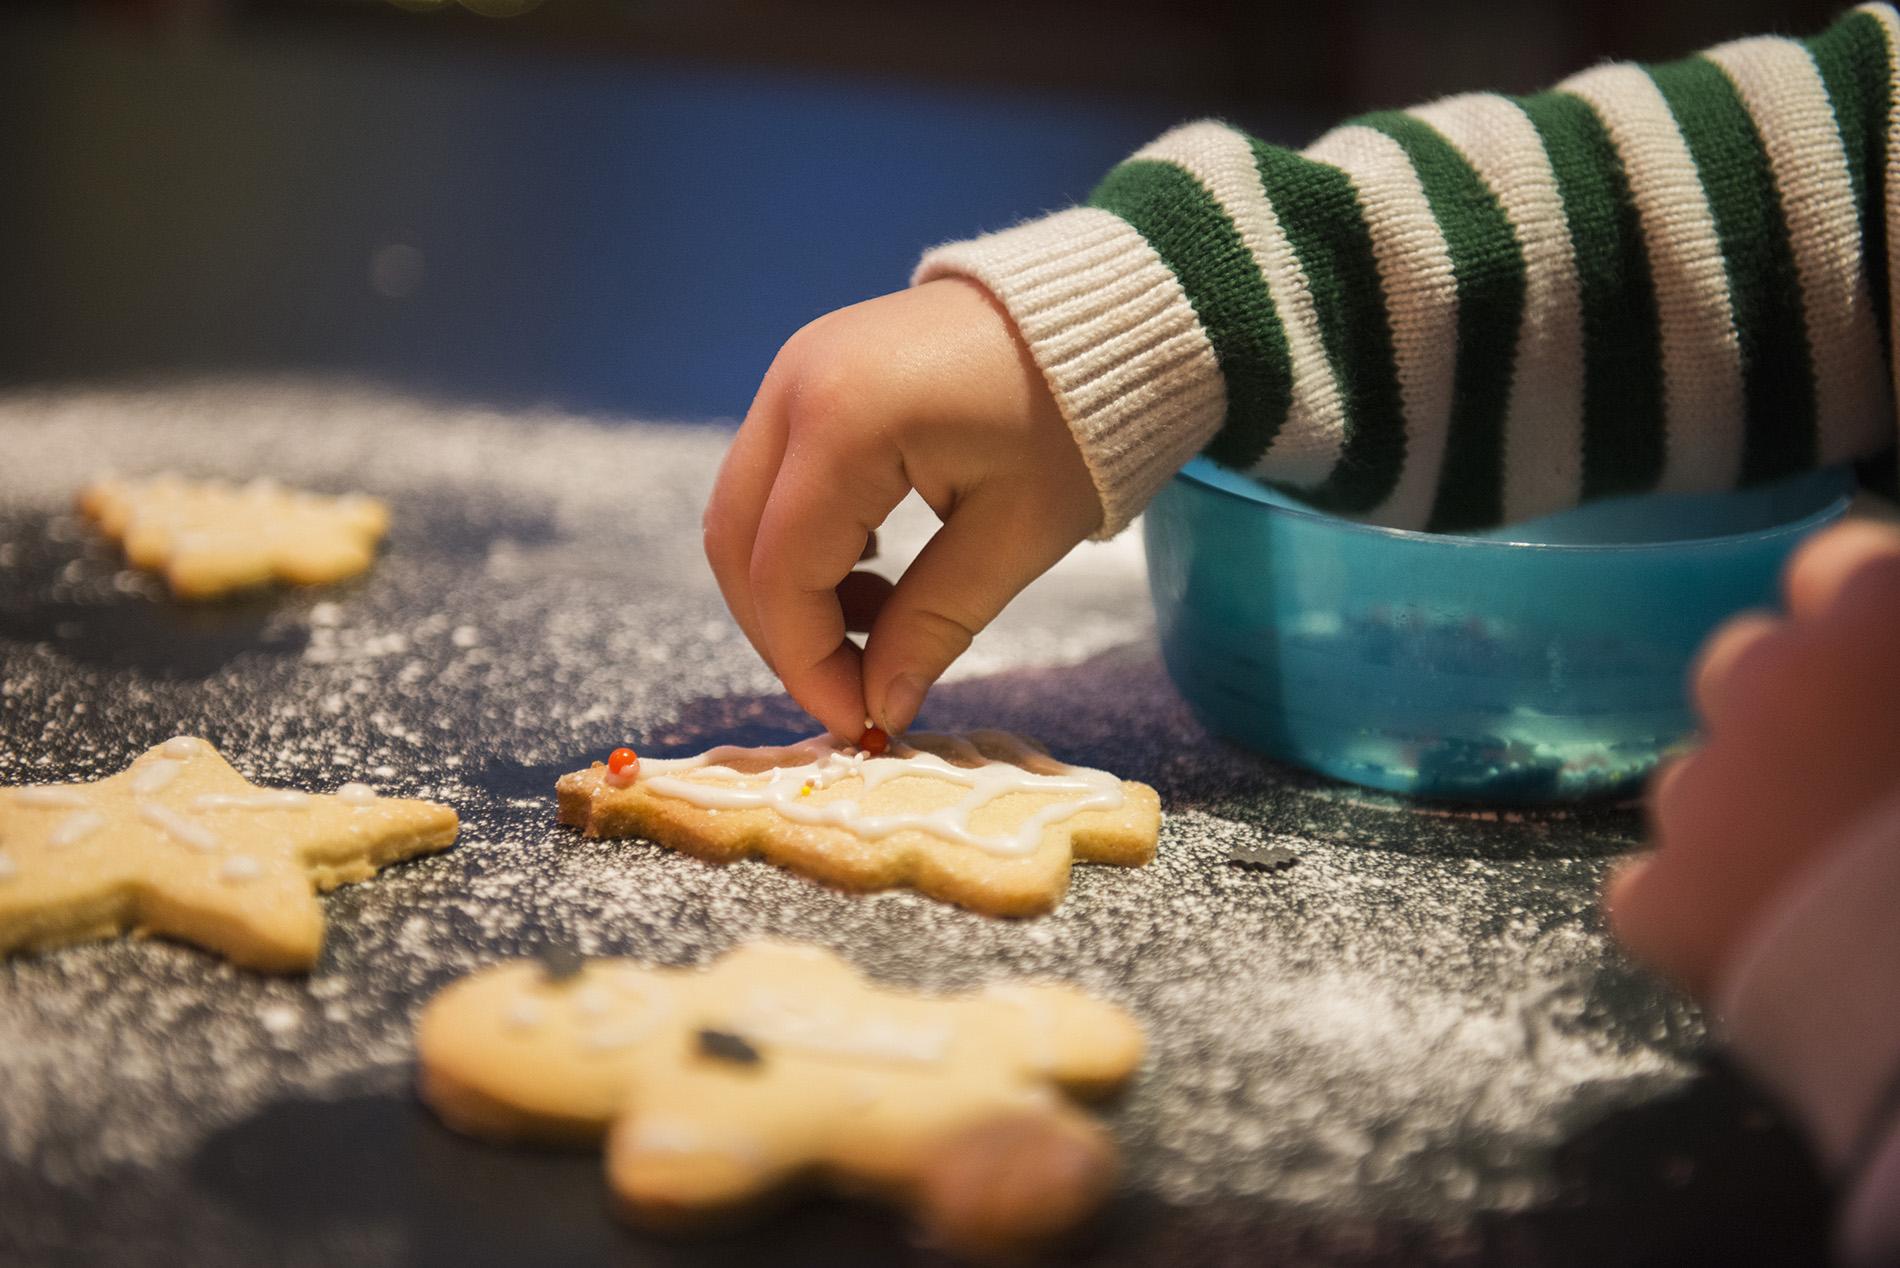 Vacanze di Natale e Coronavirus: diciamo la verità ai nostri figli